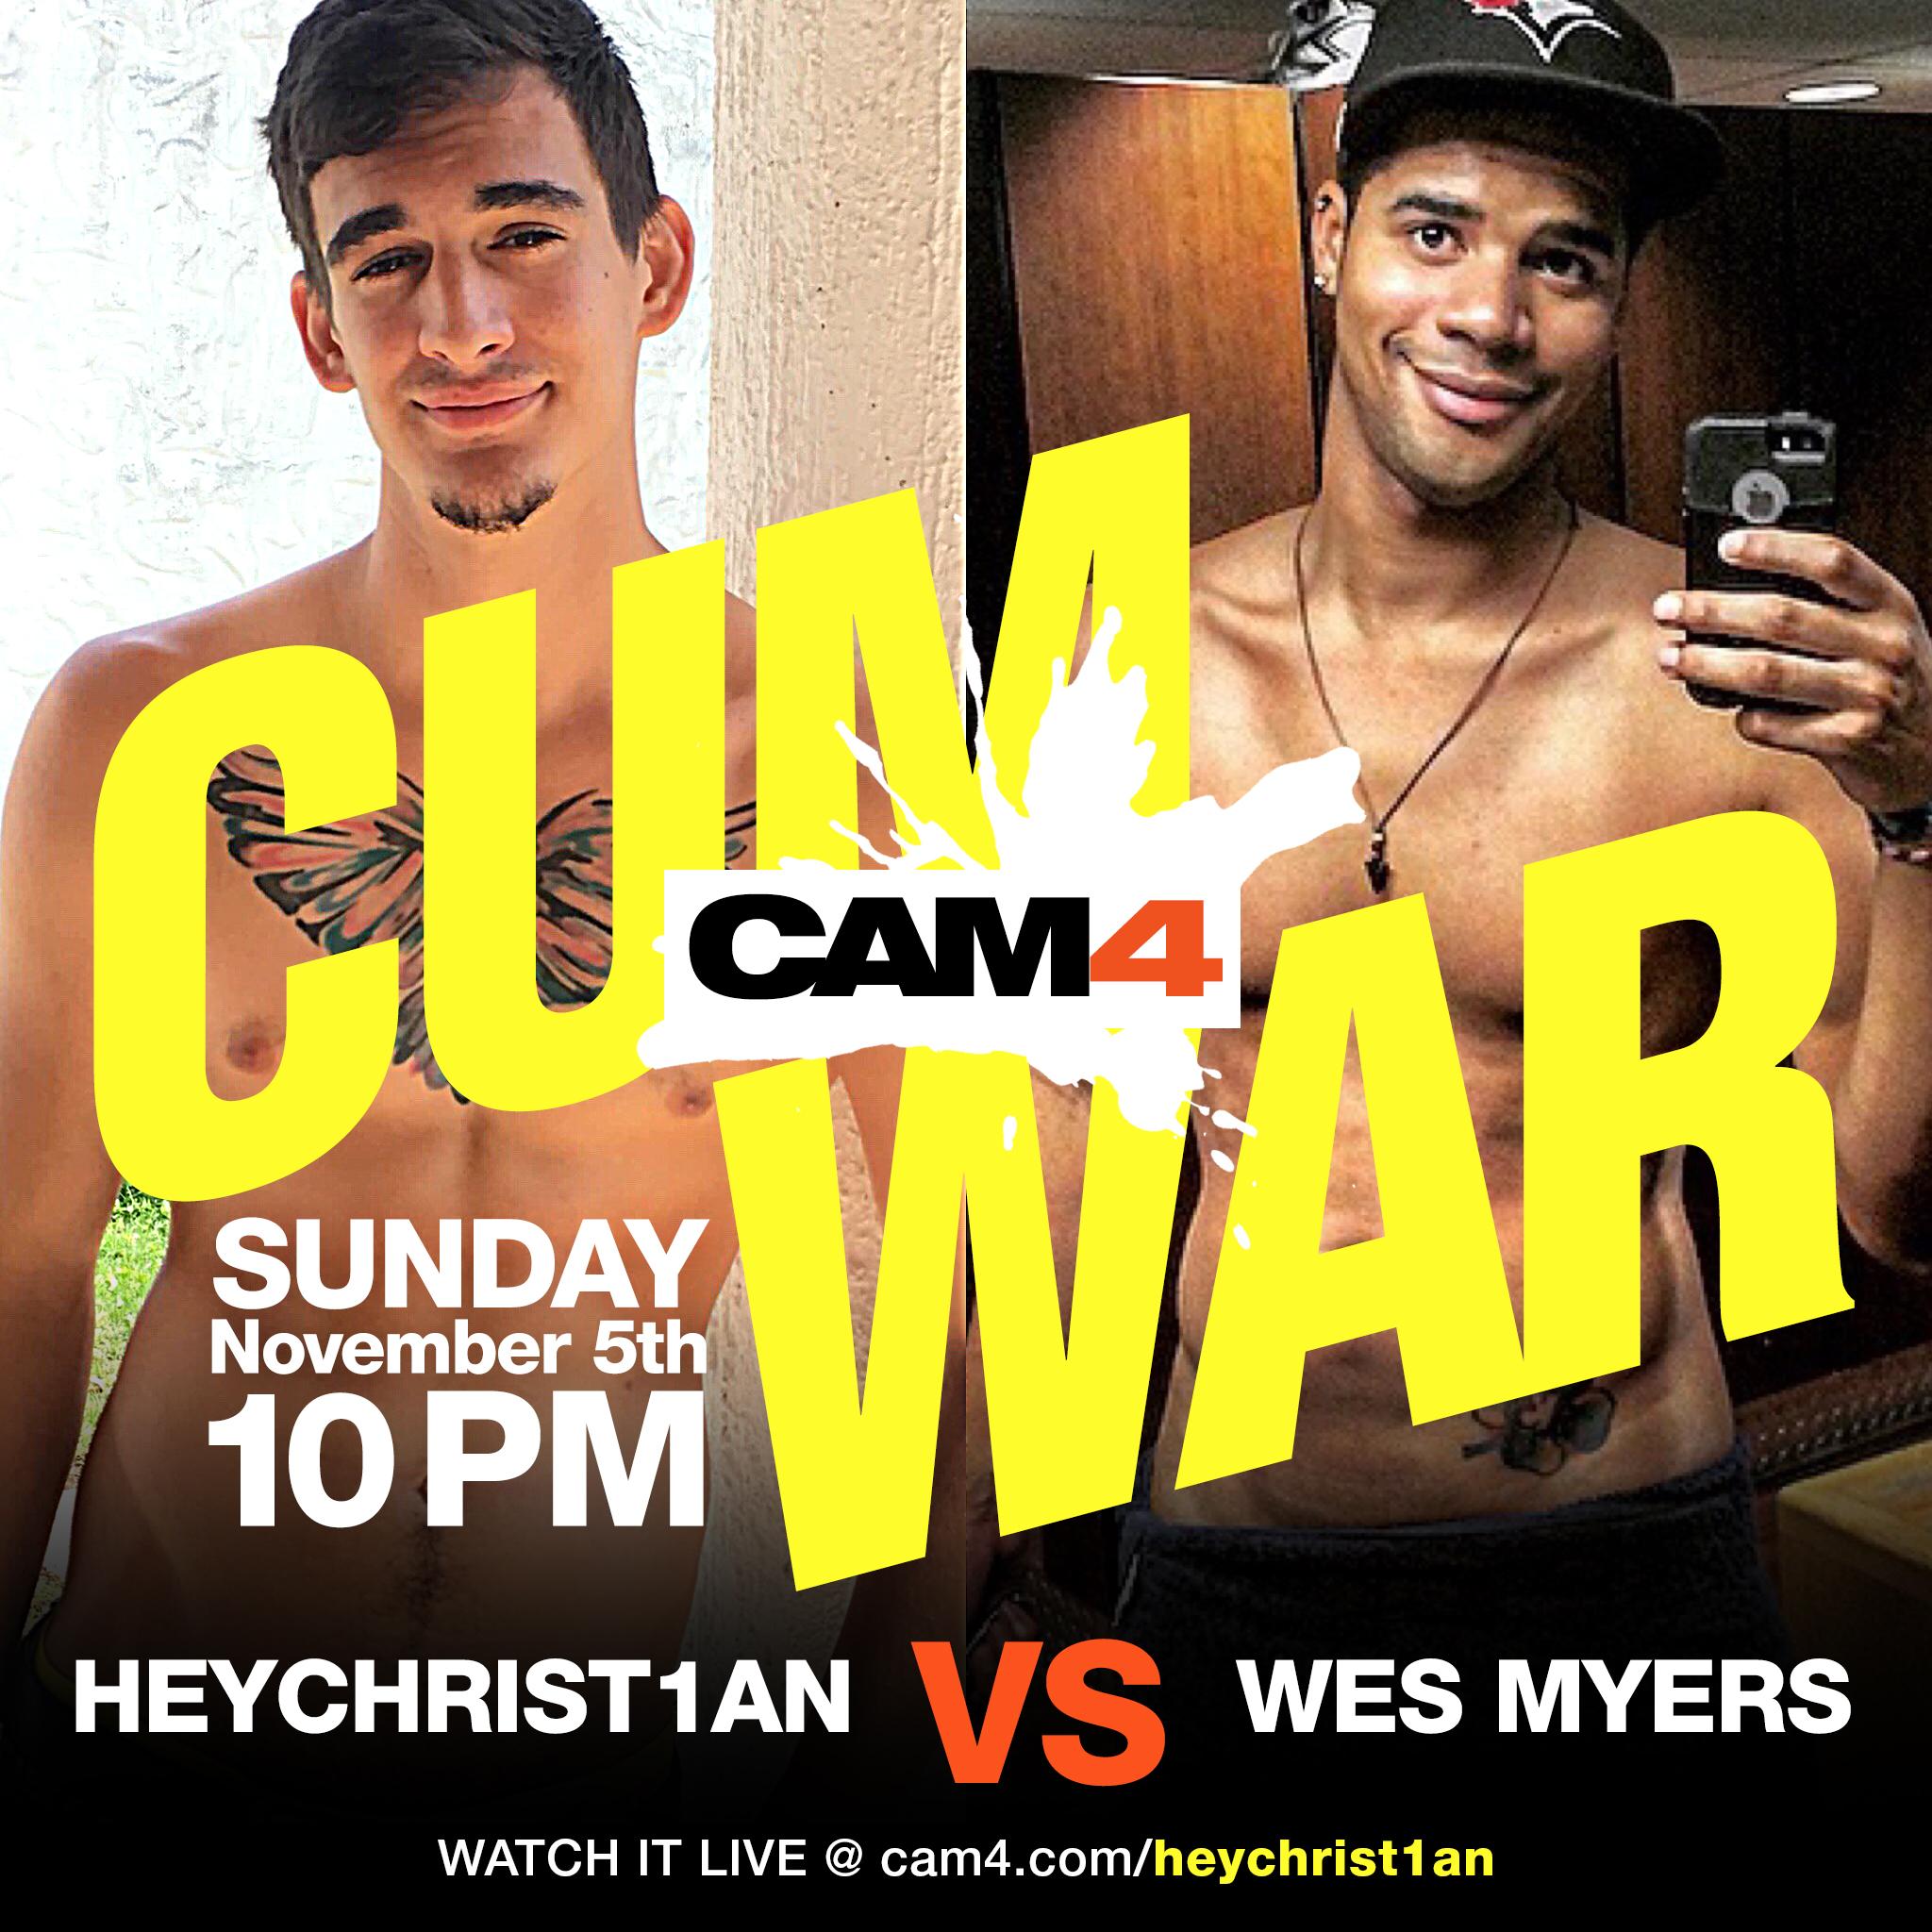 CAM4 CUM WAR PRESENTS: Heychrist1an vs Wesmyers